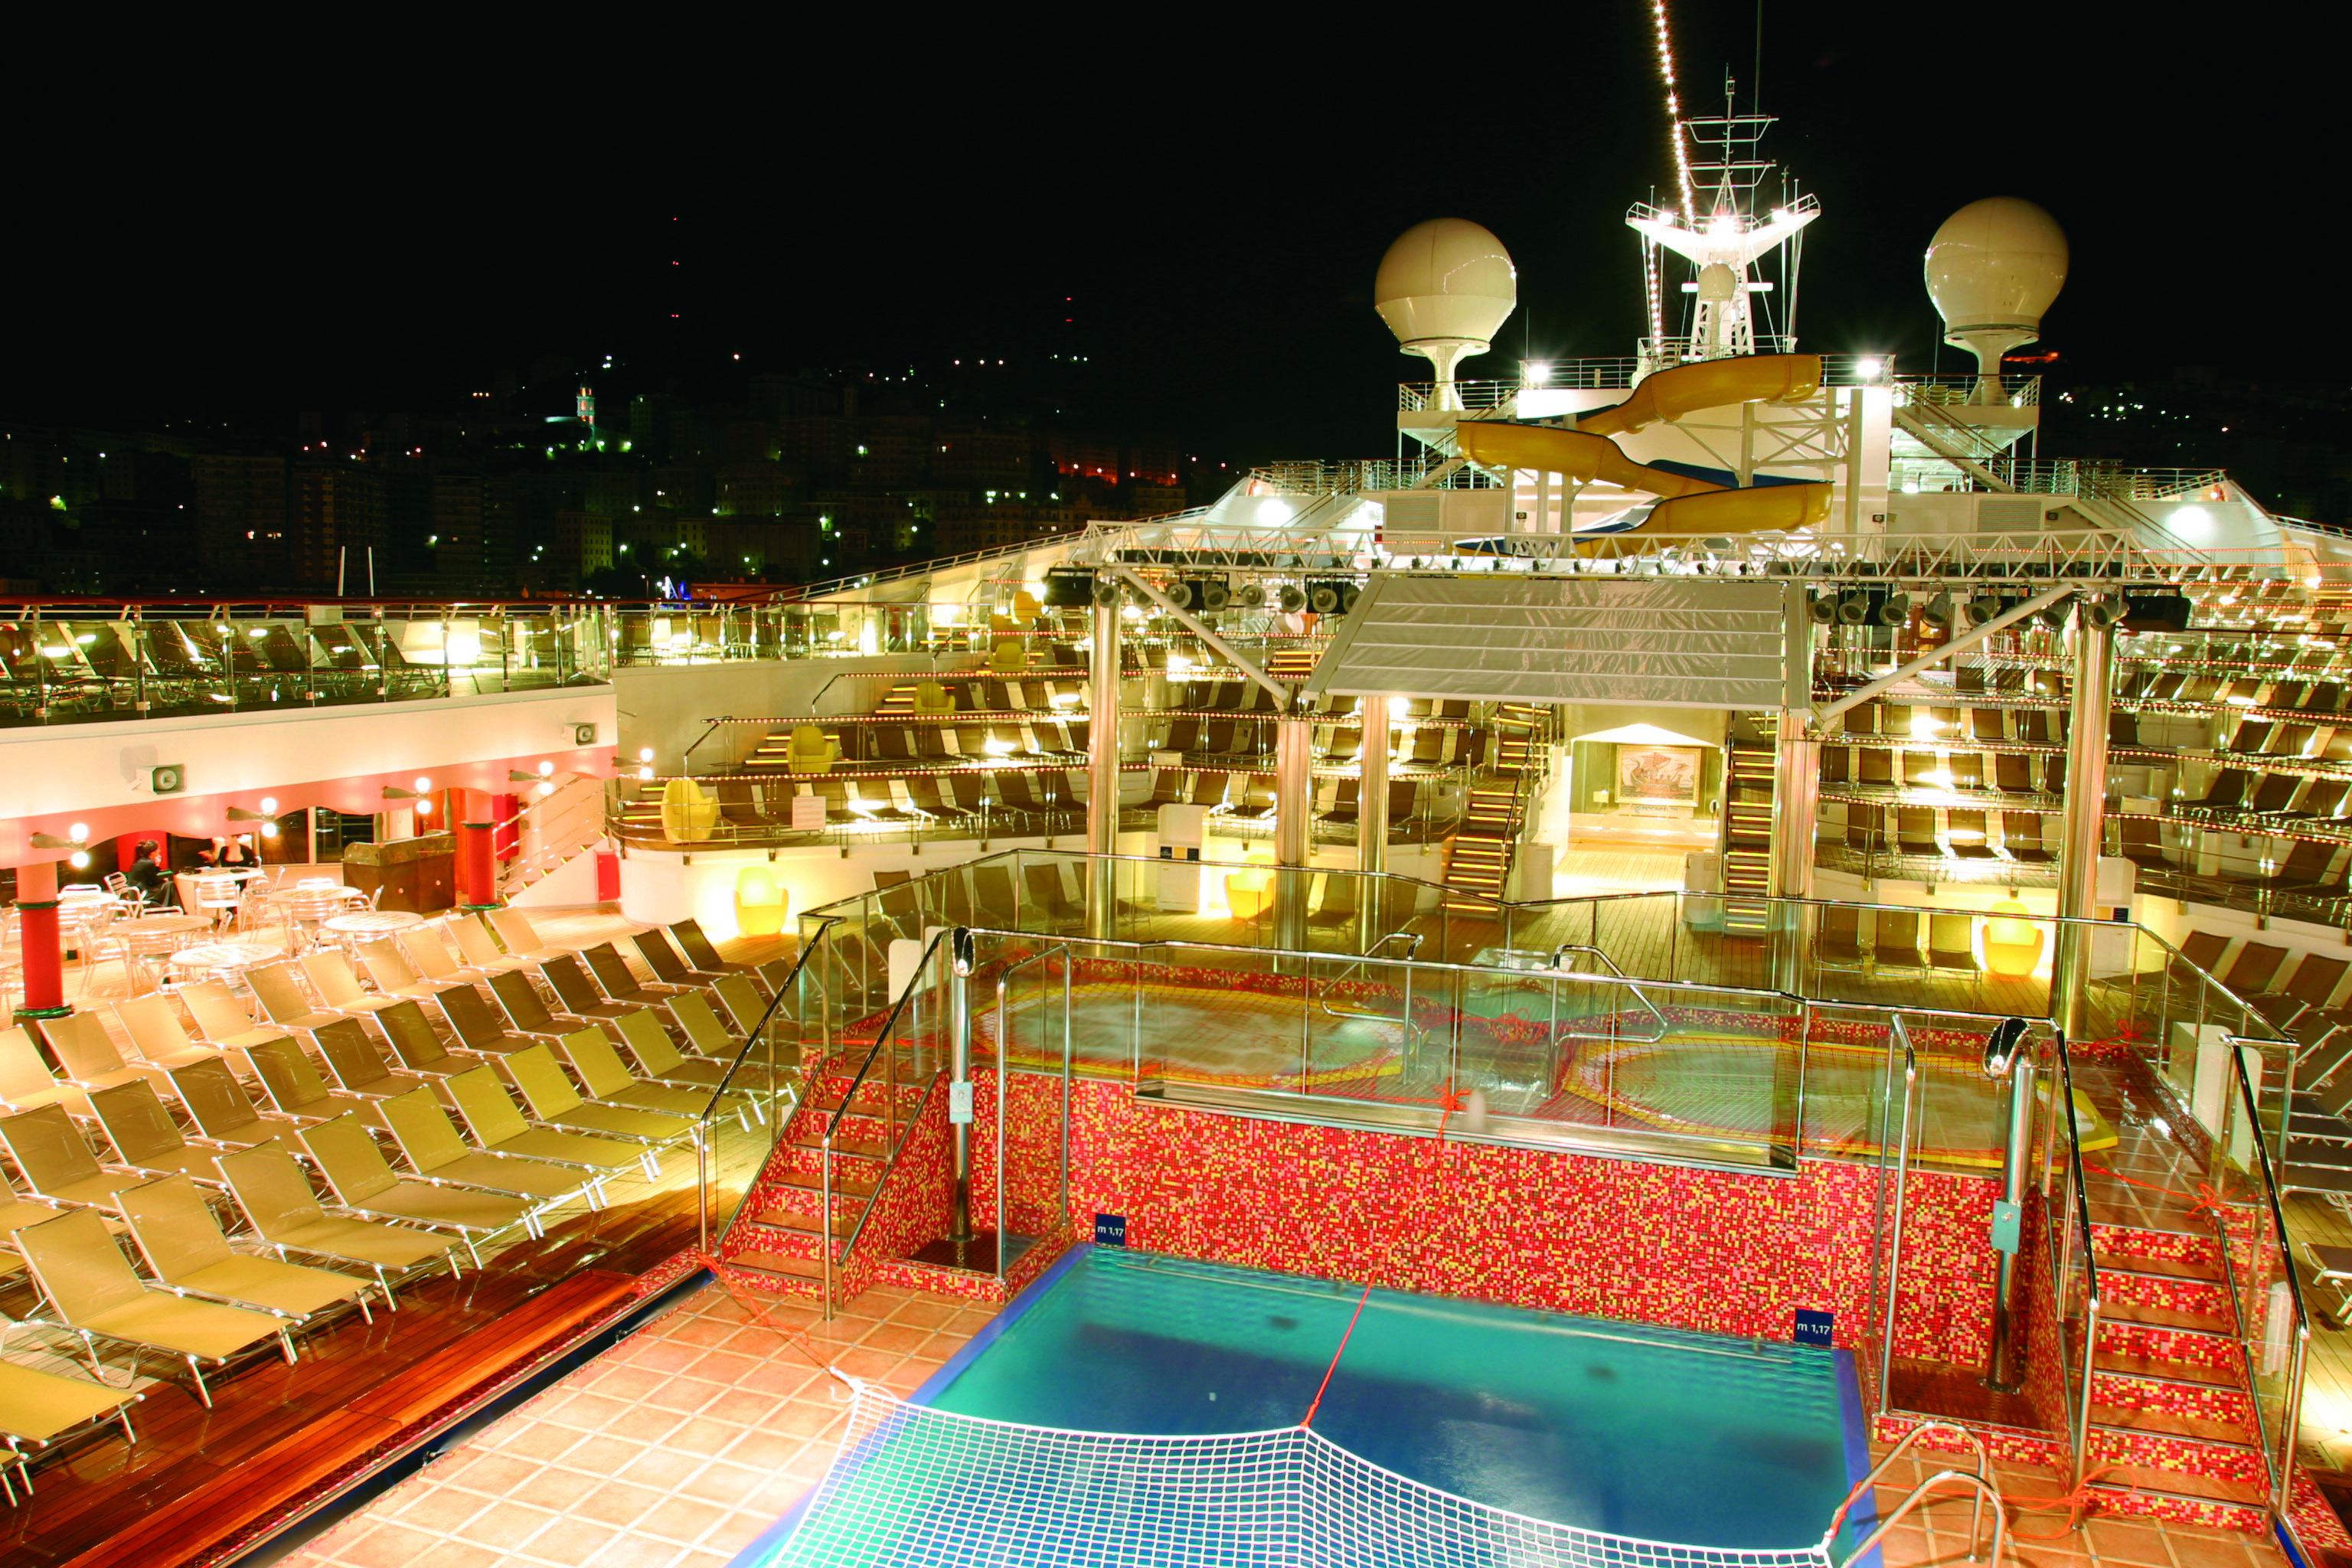 Pool Deck bei Nacht